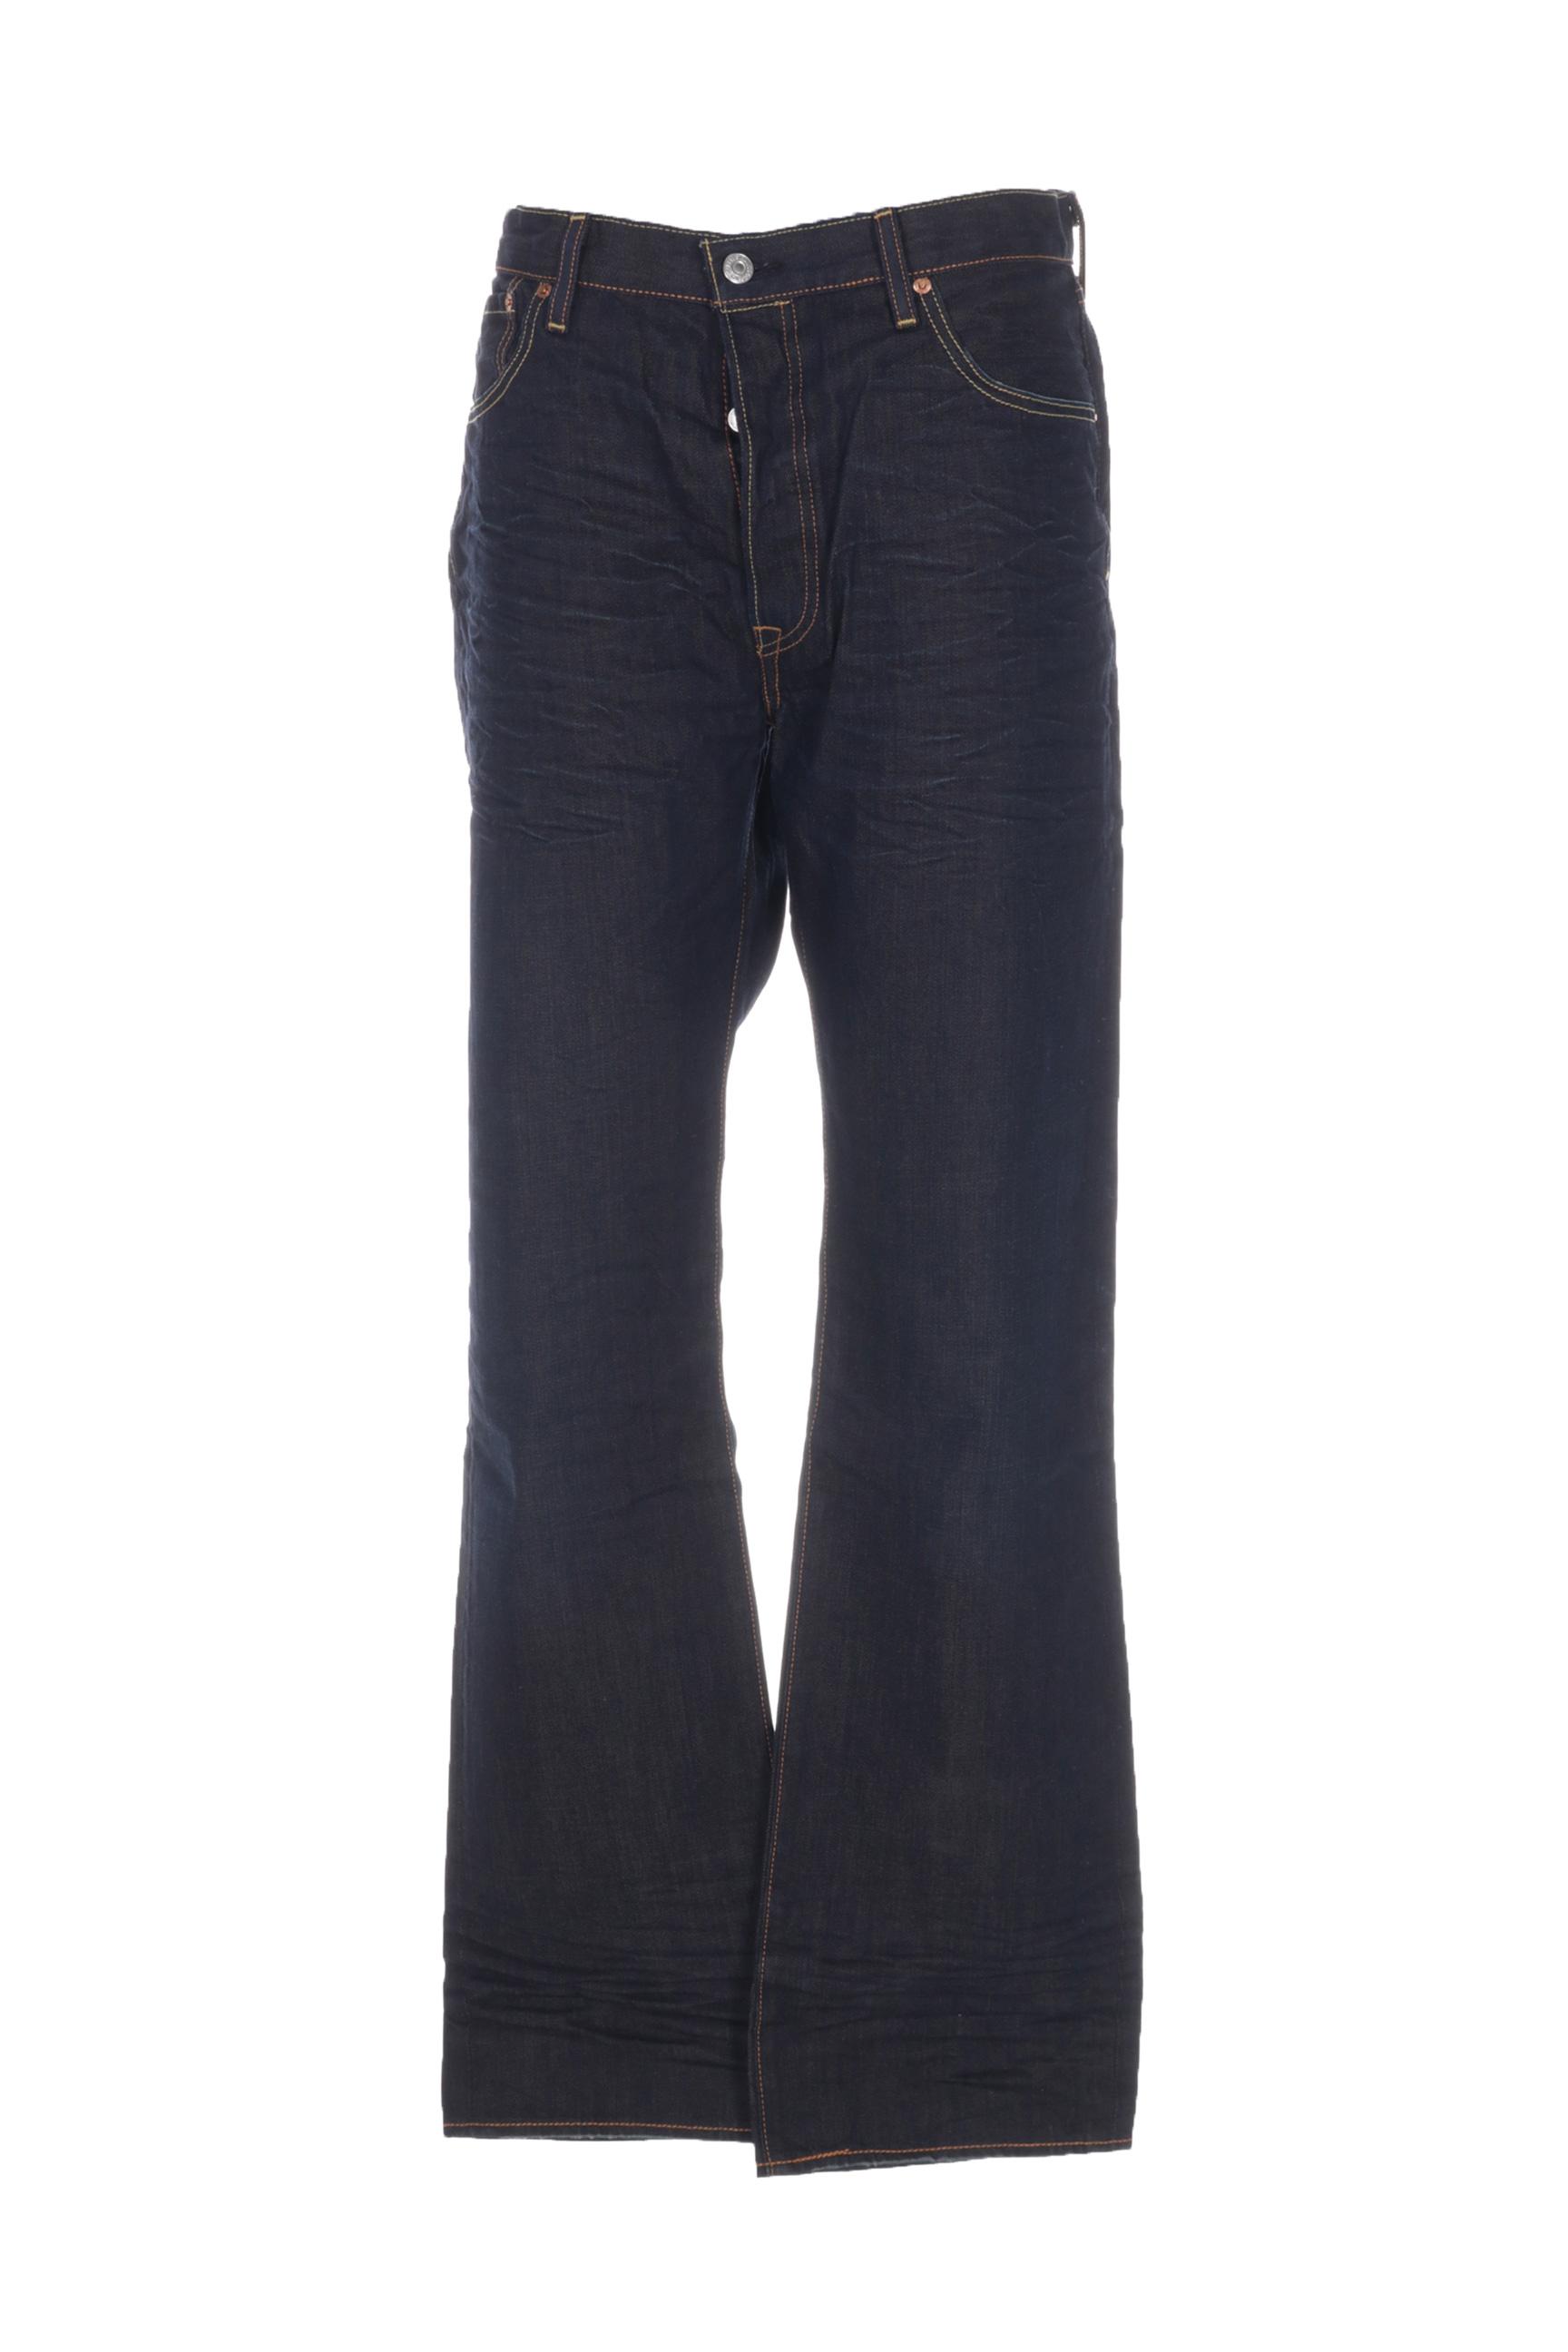 Levis Couleur Modz Jeans De 1229753 Cher Bleu Pas Soldes Coupe Bleu00 En Droite dQexCoWrB